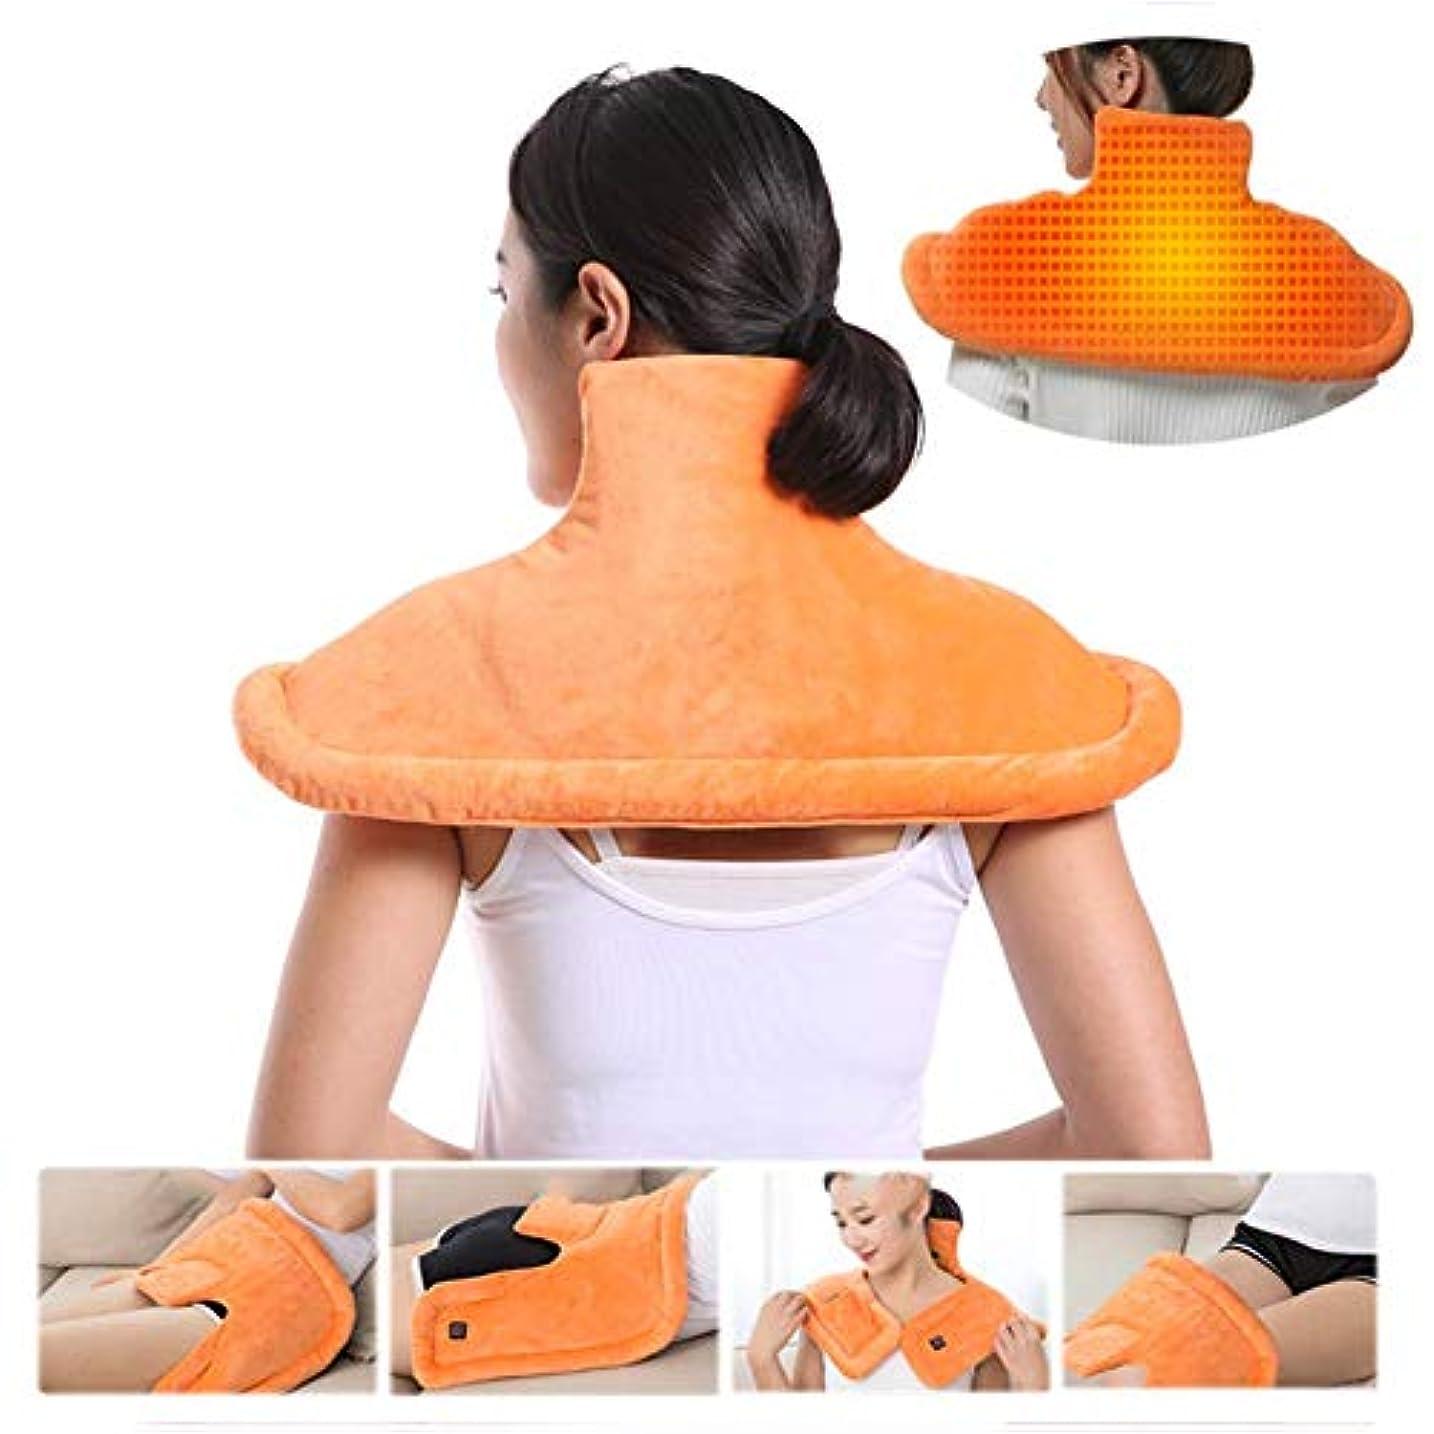 全部ハリケーン高齢者Sooger 電熱のストール 首の肩の背部暖房パッド、マッサージのヒートラップの熱くするショールの減圧のための調節可能な強度フルボディマッサージ首の肩暖房湿った熱療法のパッド